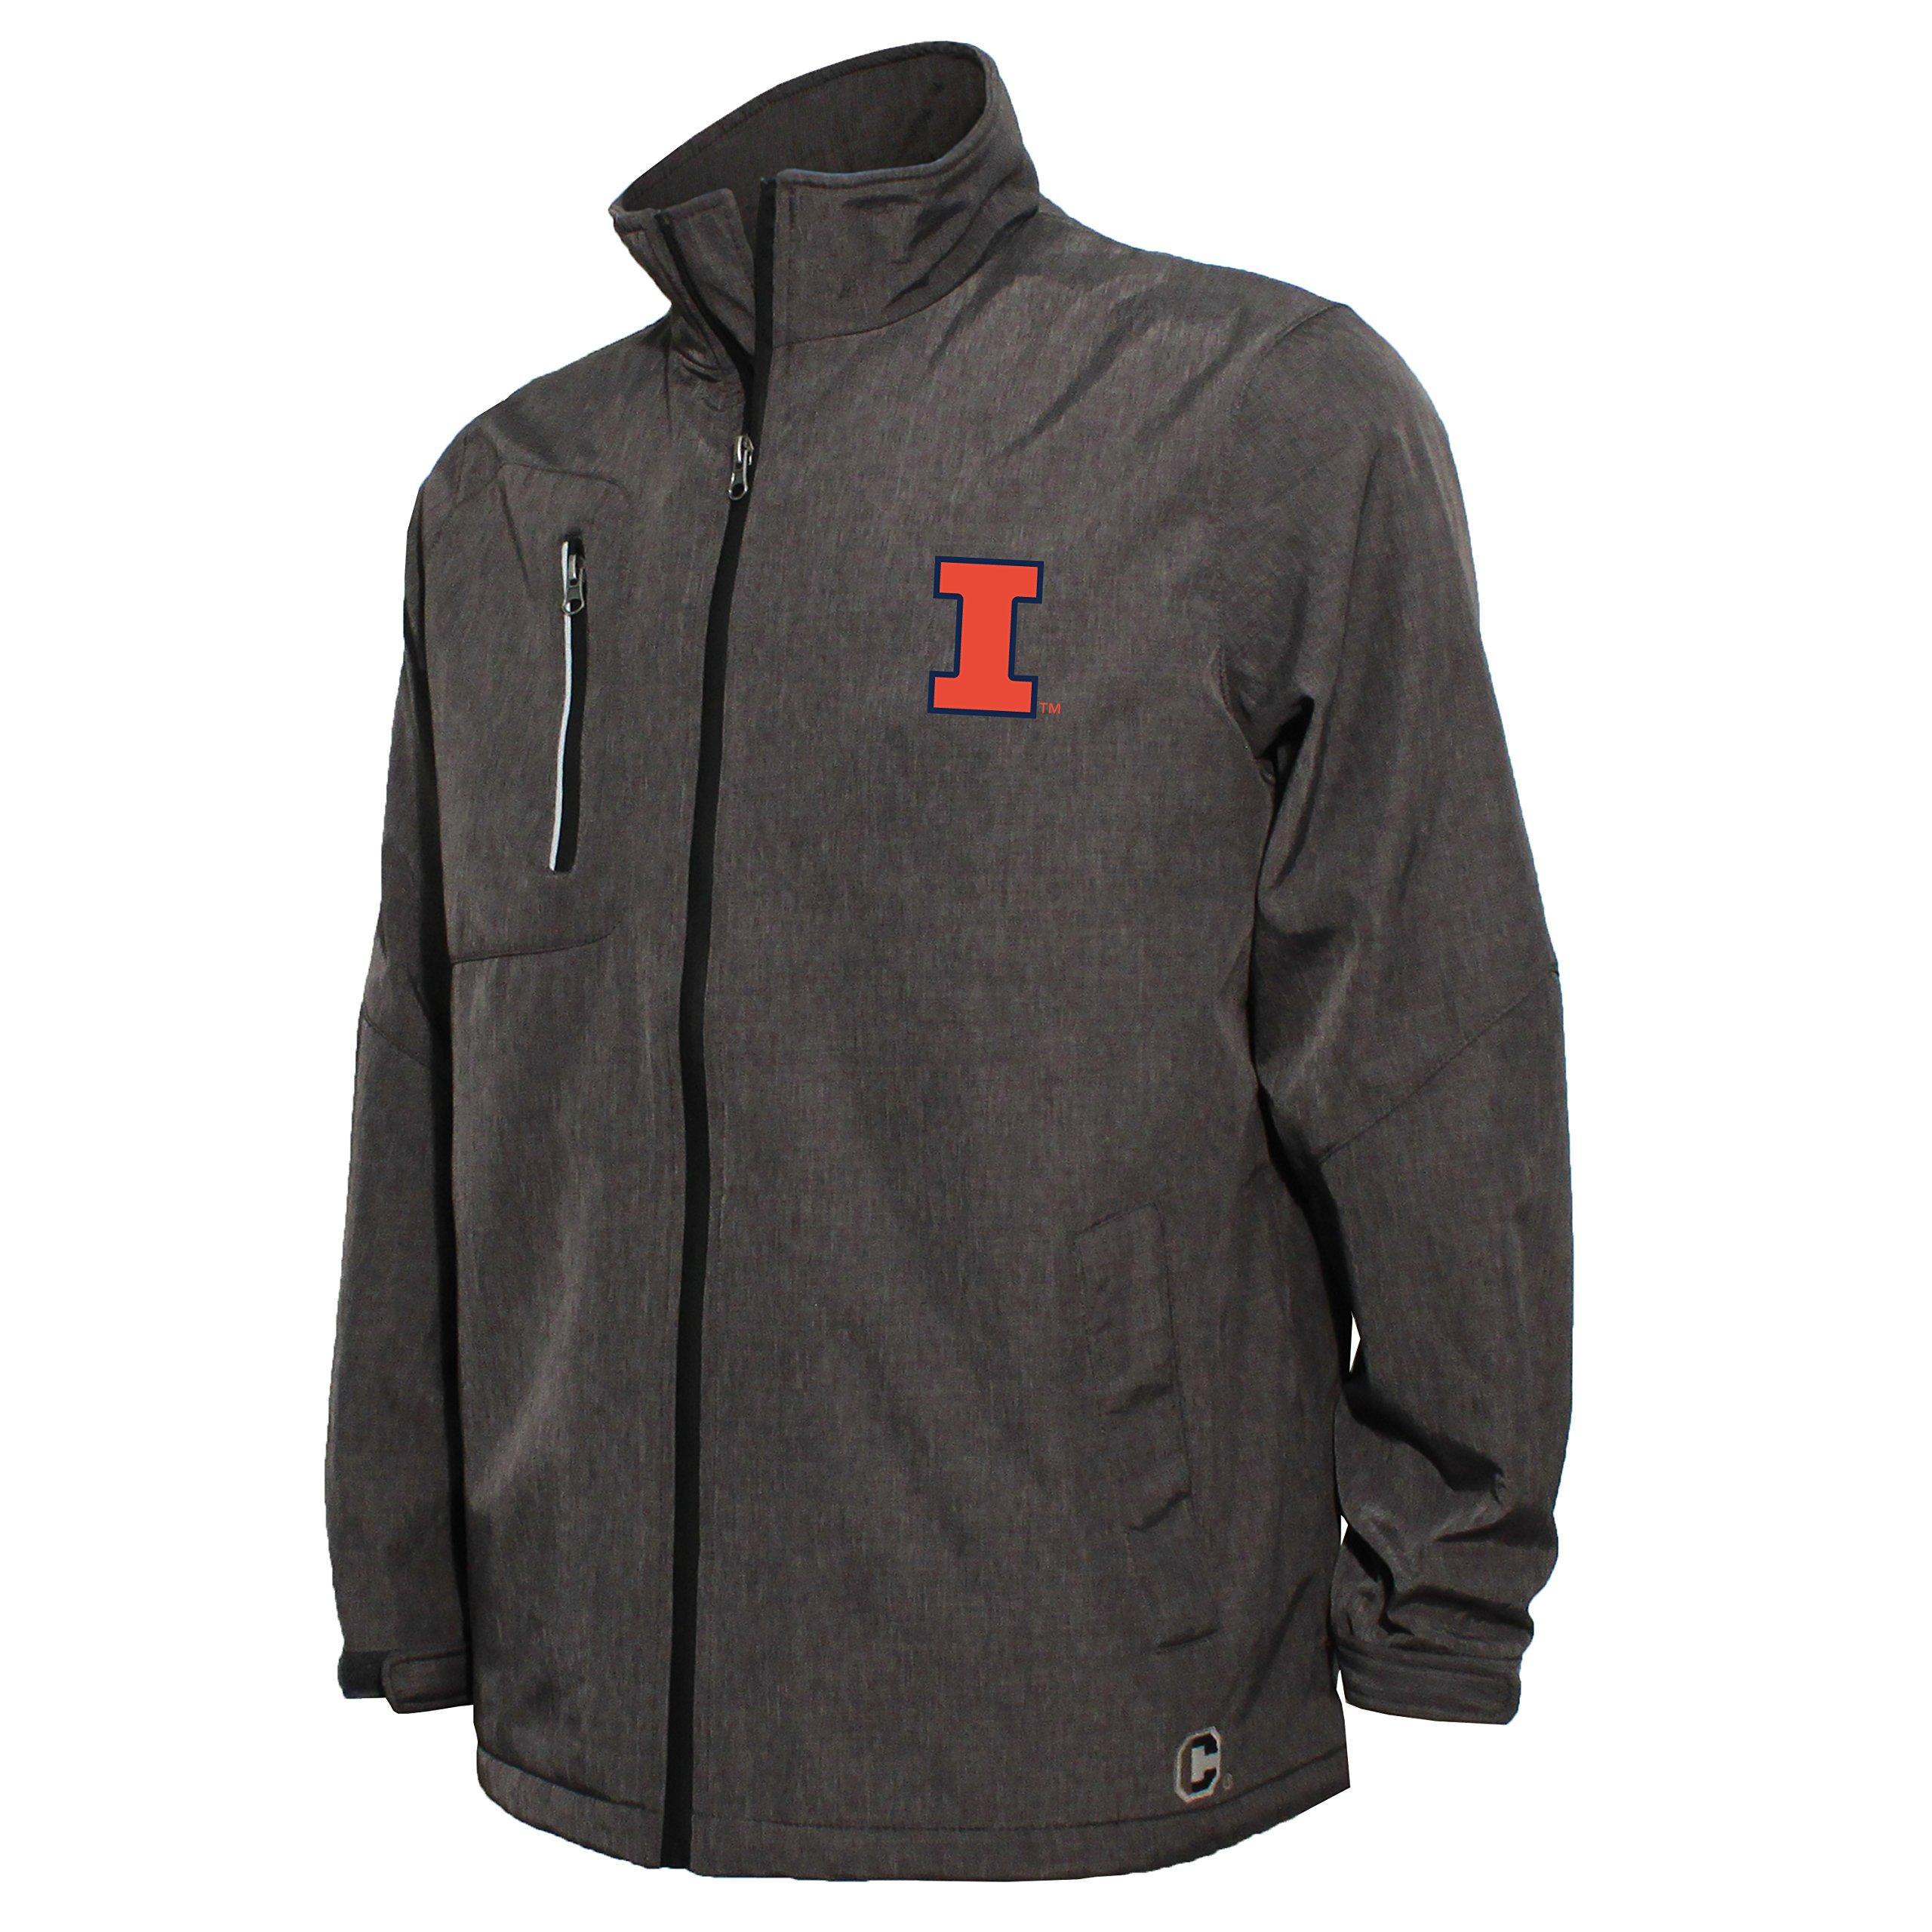 NCAA Illinois Illini Men's Bonded Stand Up Collar Stadium Jacket, Small, Dark Gray